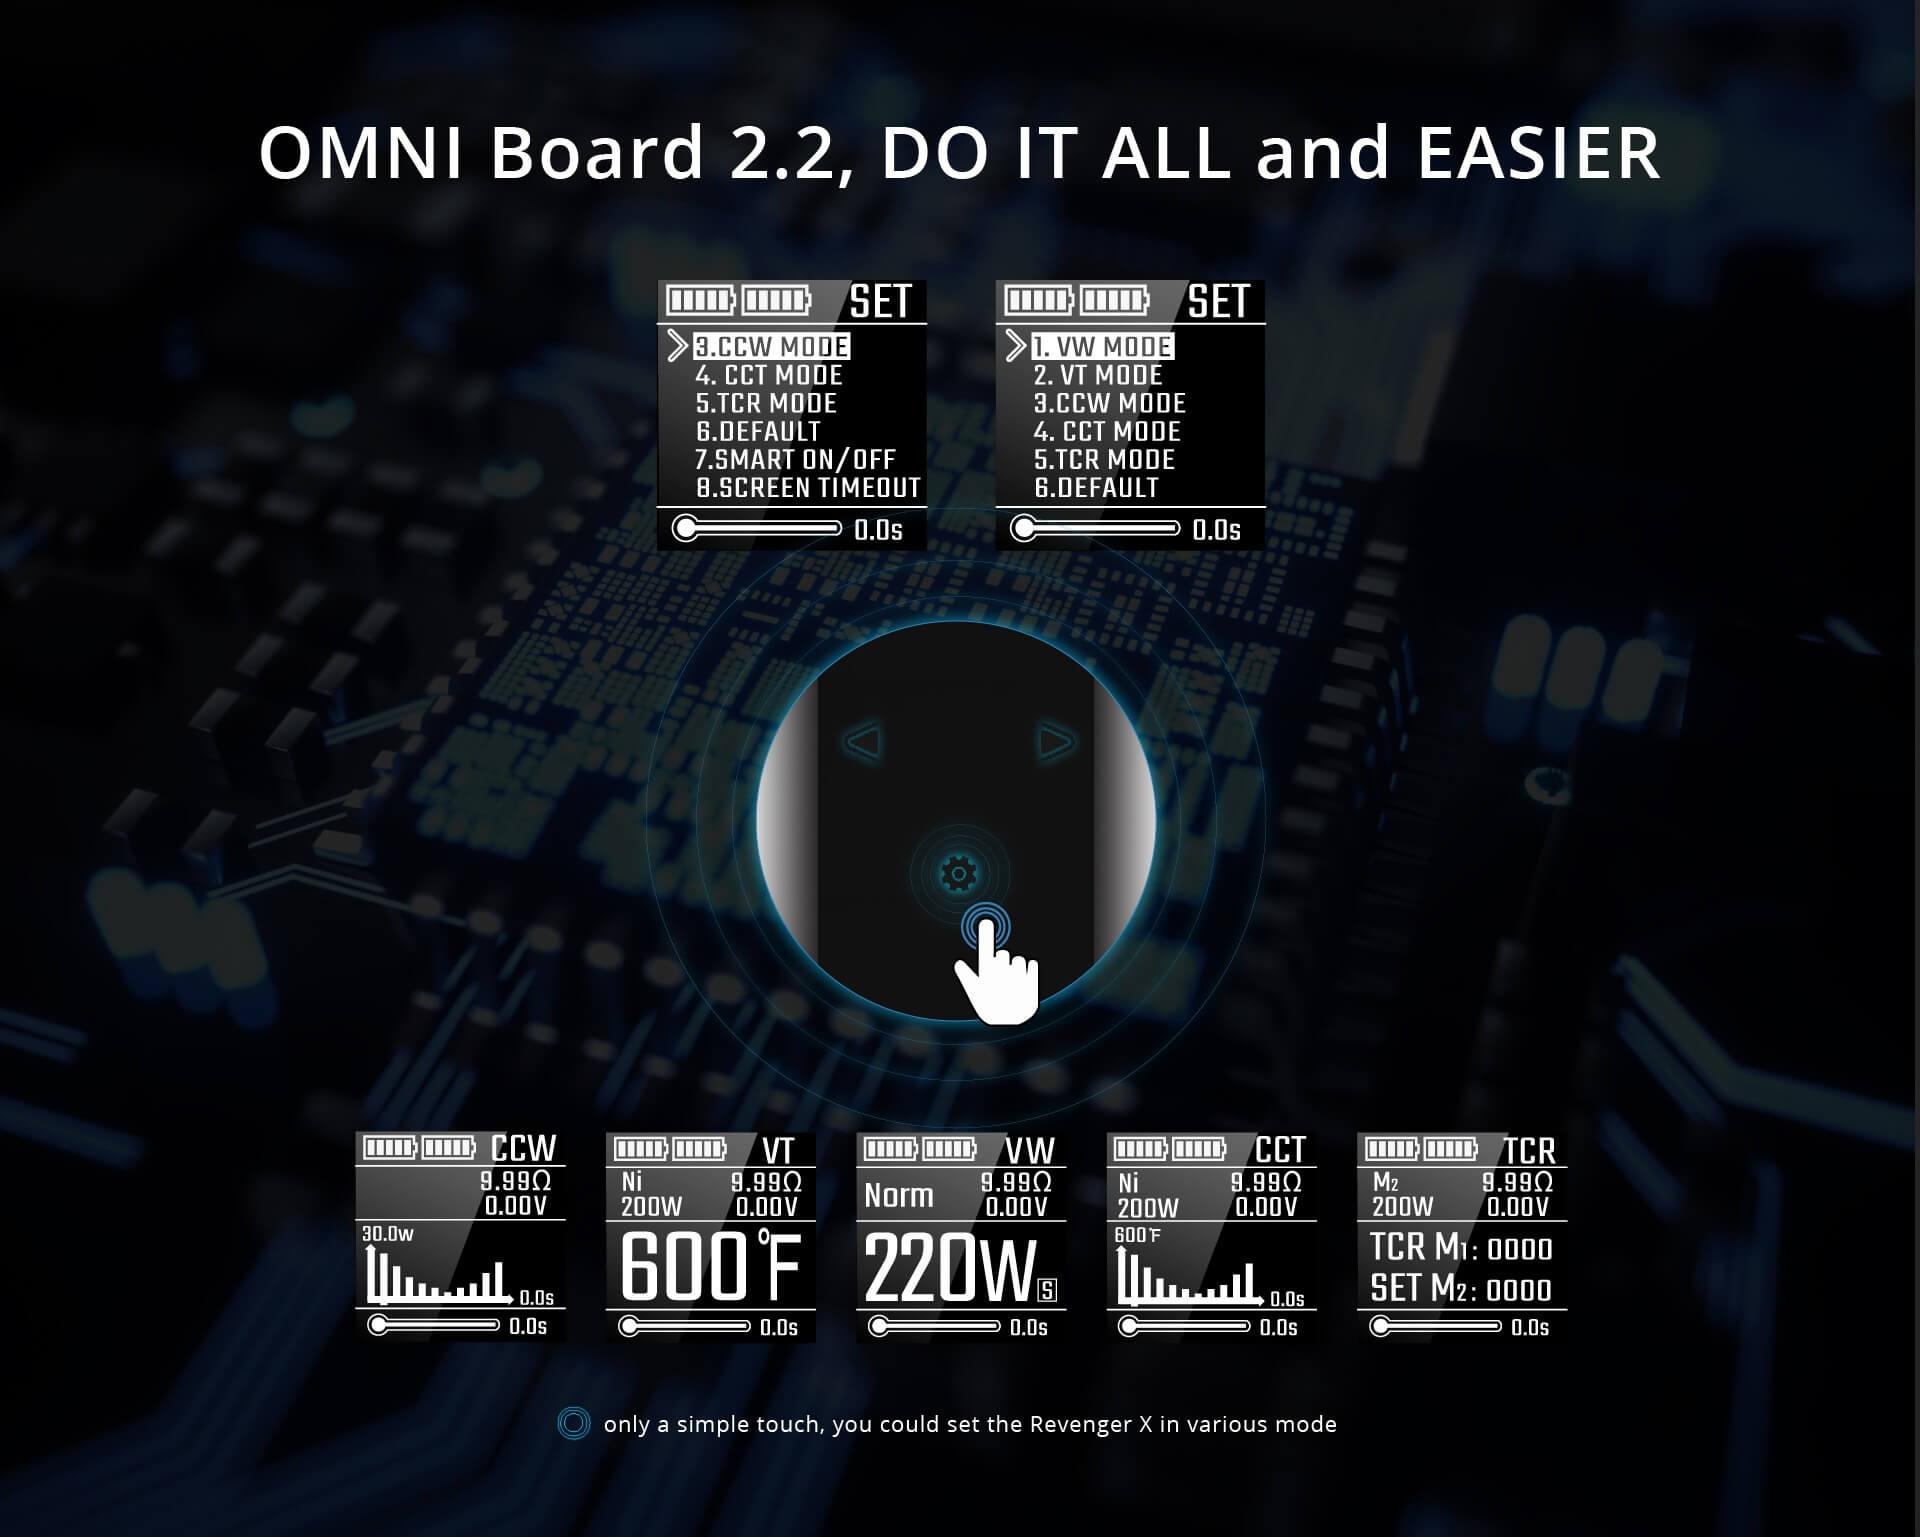 revenger_x_omni_board.jpg